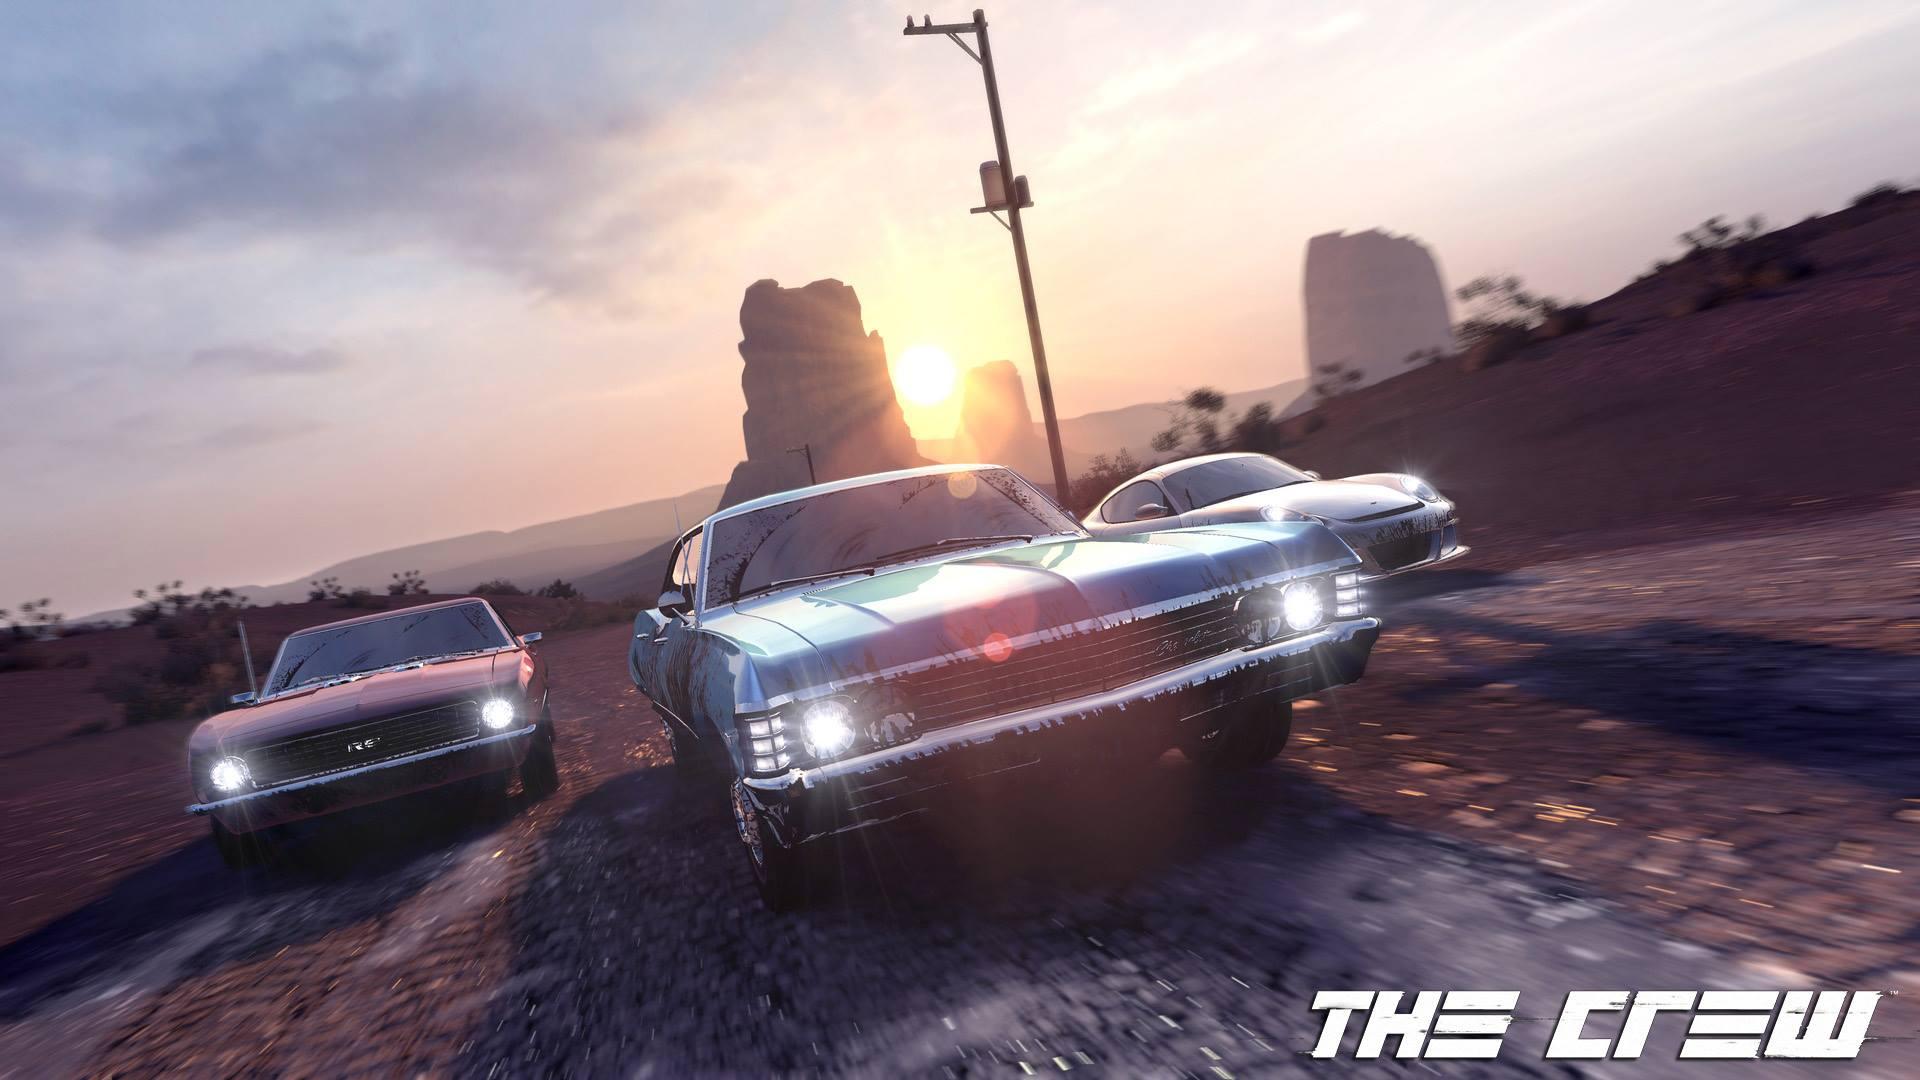 The Crew: Új képek érkeztek a játékról